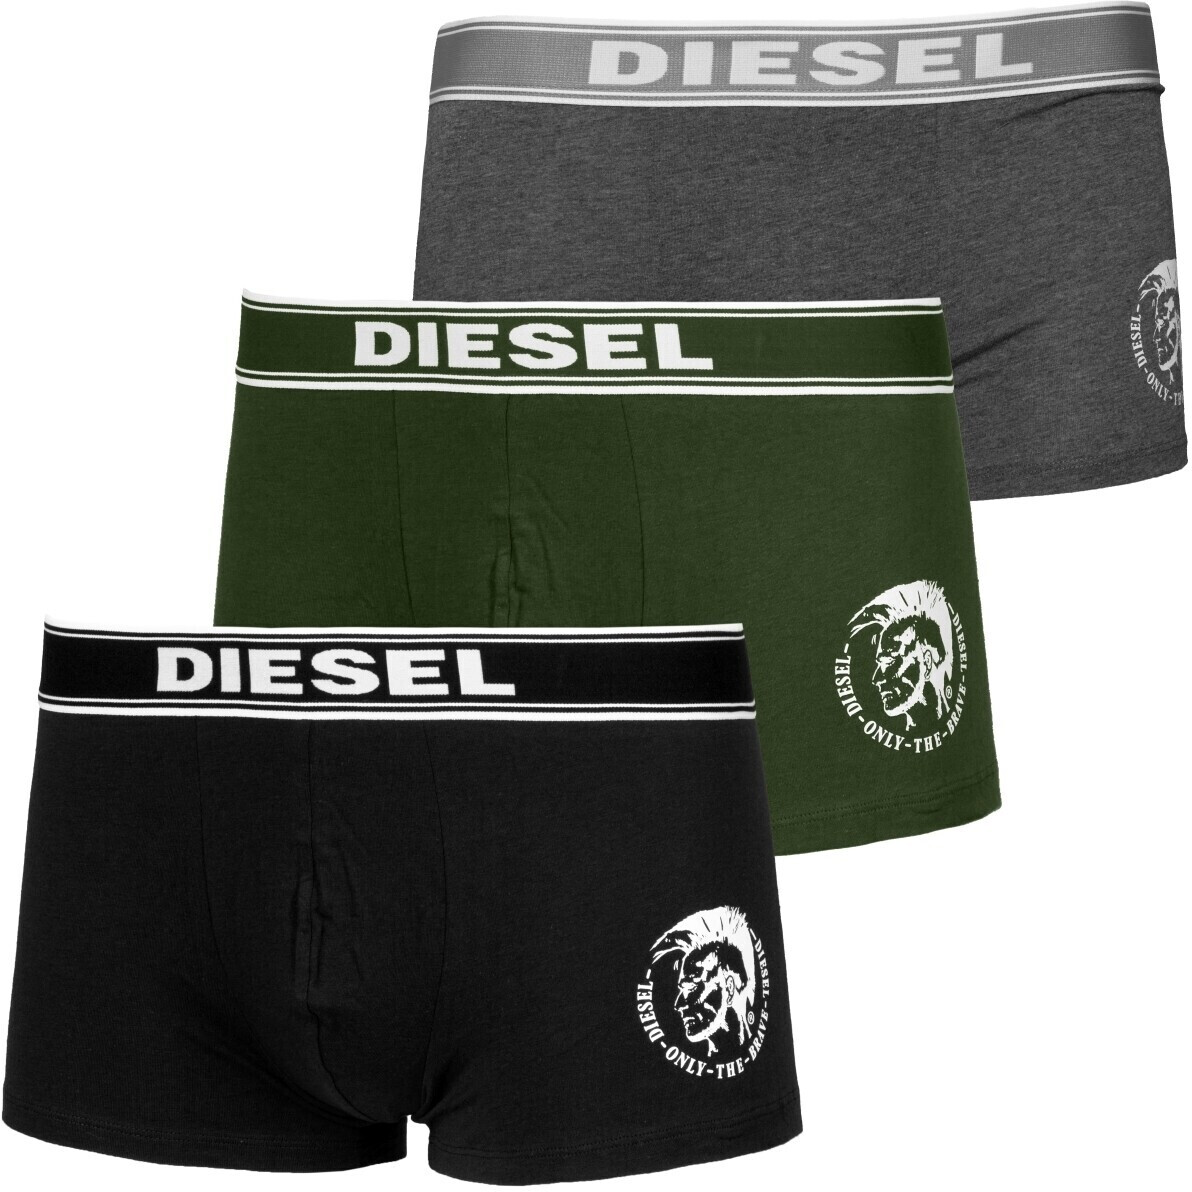 Image of Diesel 3-Pack Shawn black/grey (00SAB2-0TANL-E5239)